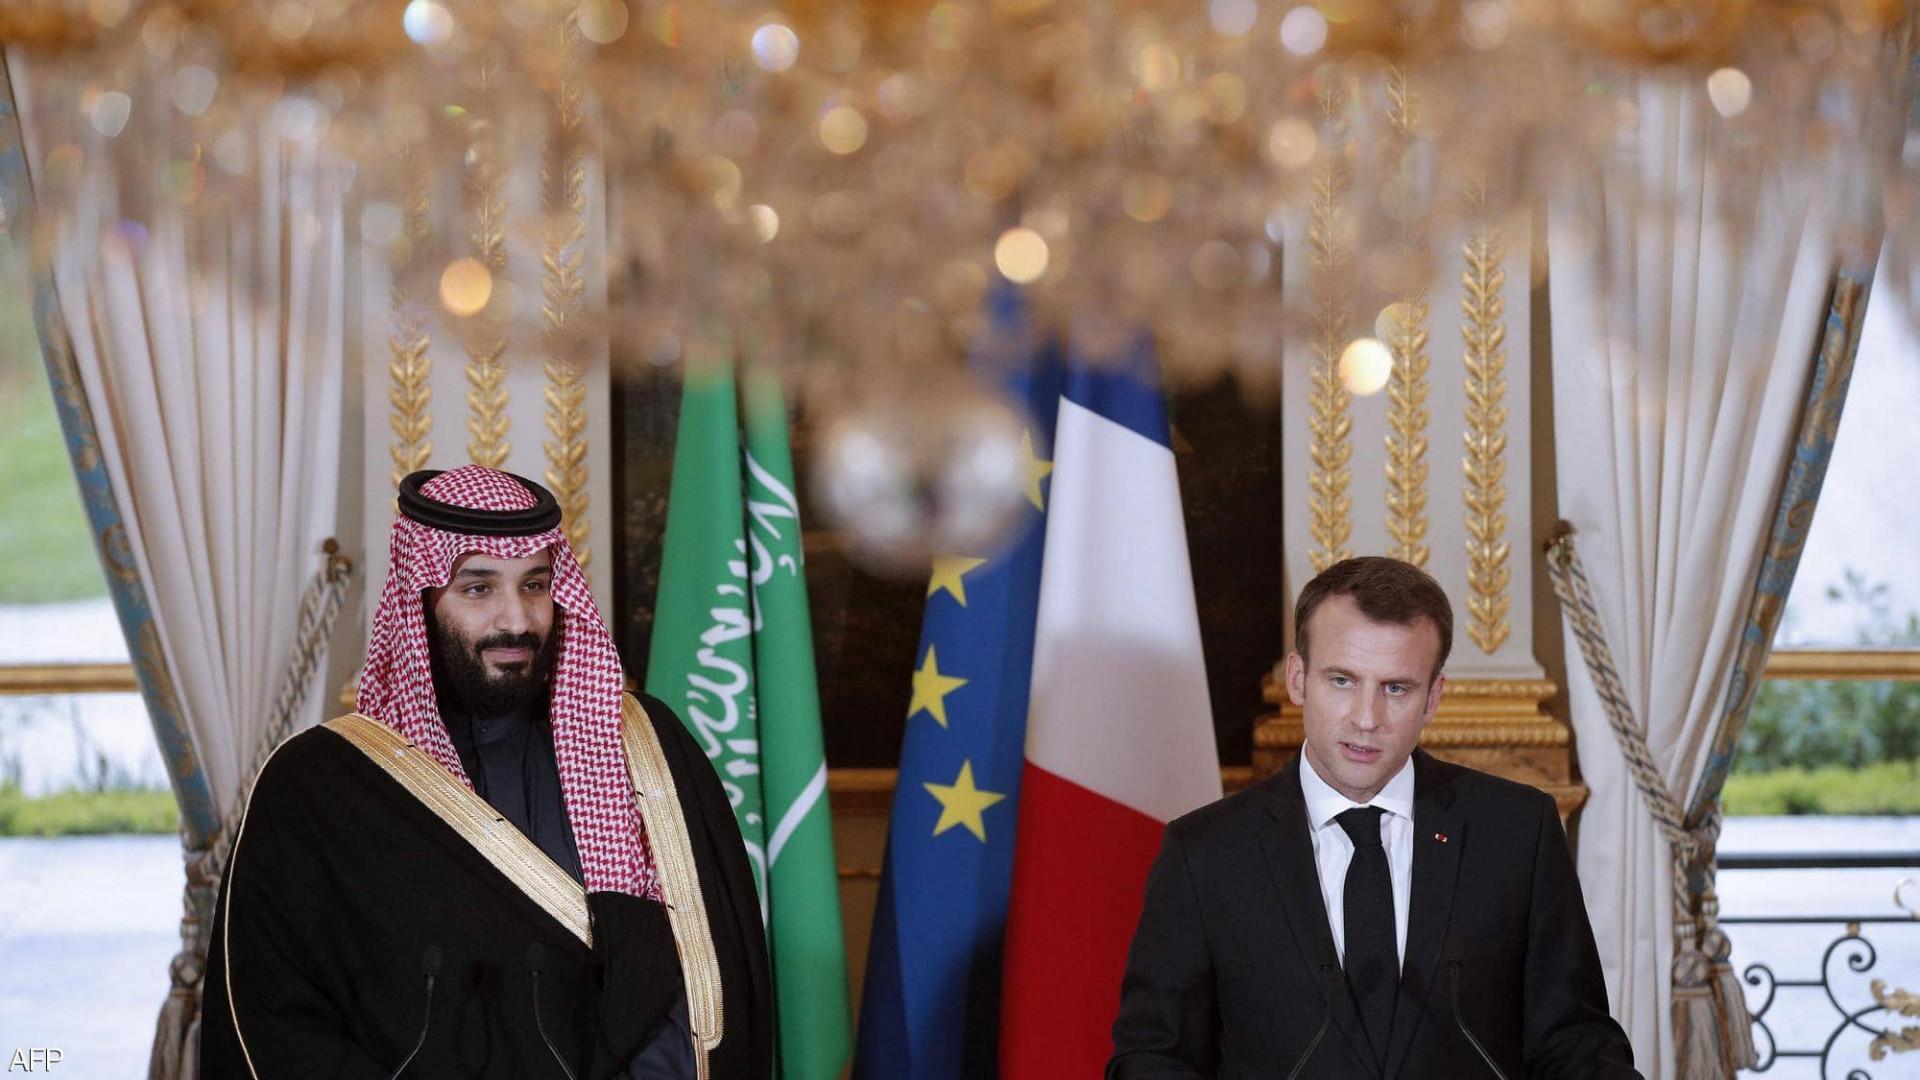 فرنسا تنضم إلى أمريكا في توجيه ضربة لآمال إيران